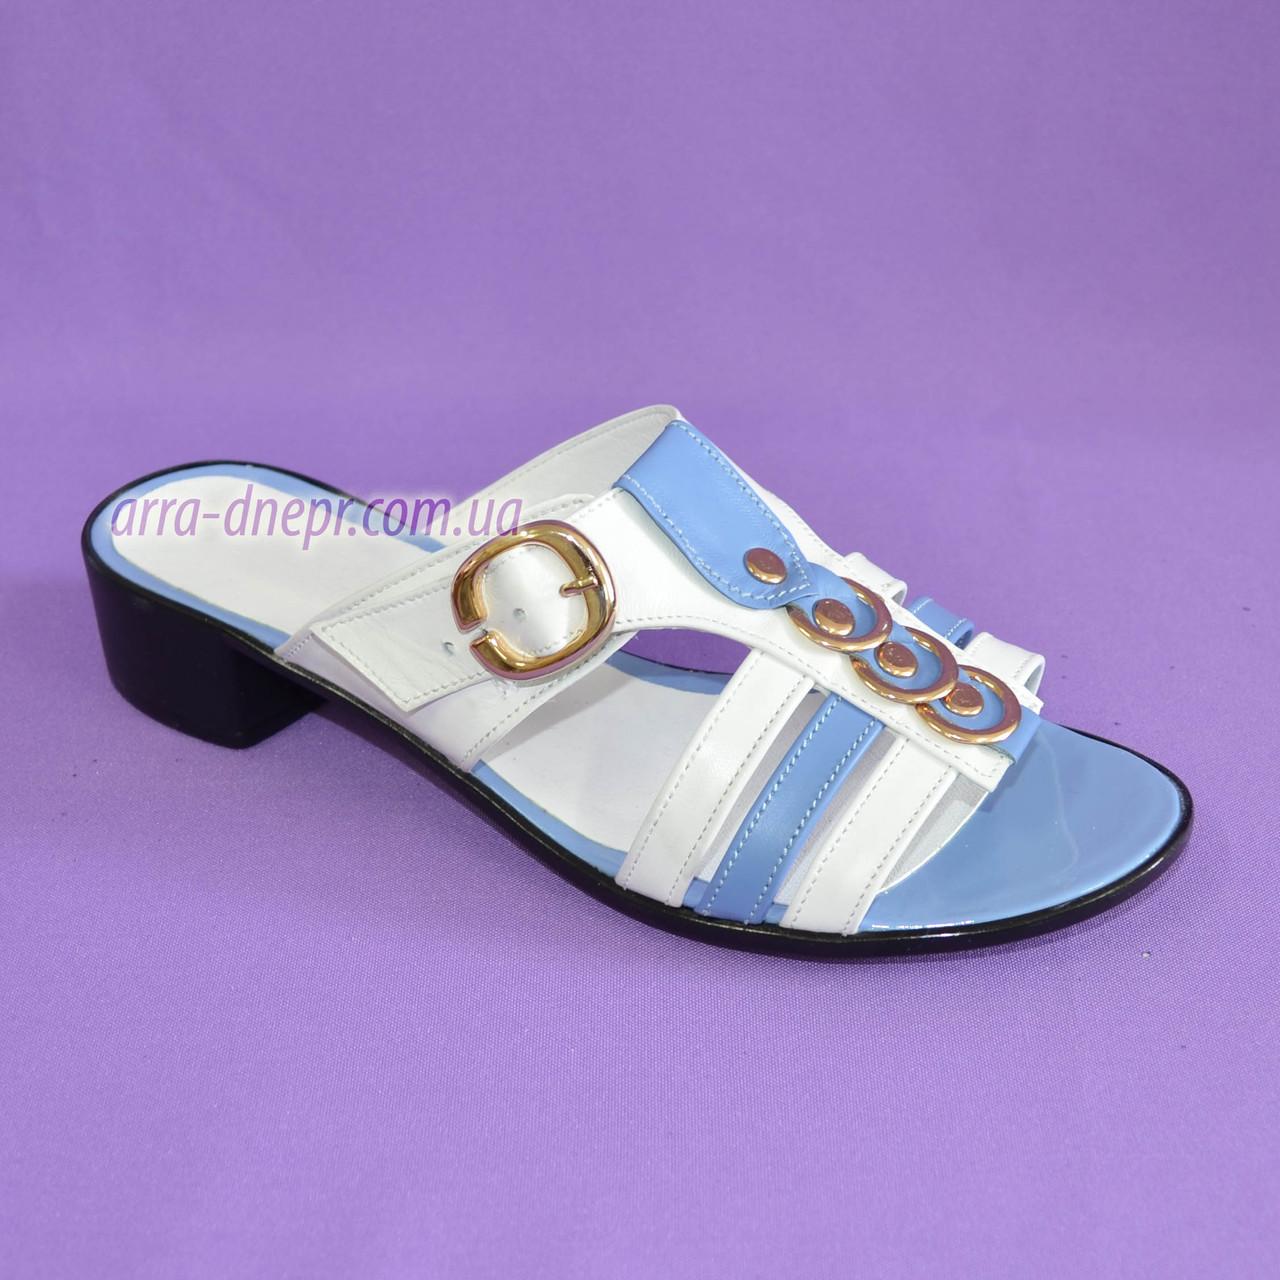 Женские кожаные шлепанцы на маленьком каблучке, цвет голубой с белым